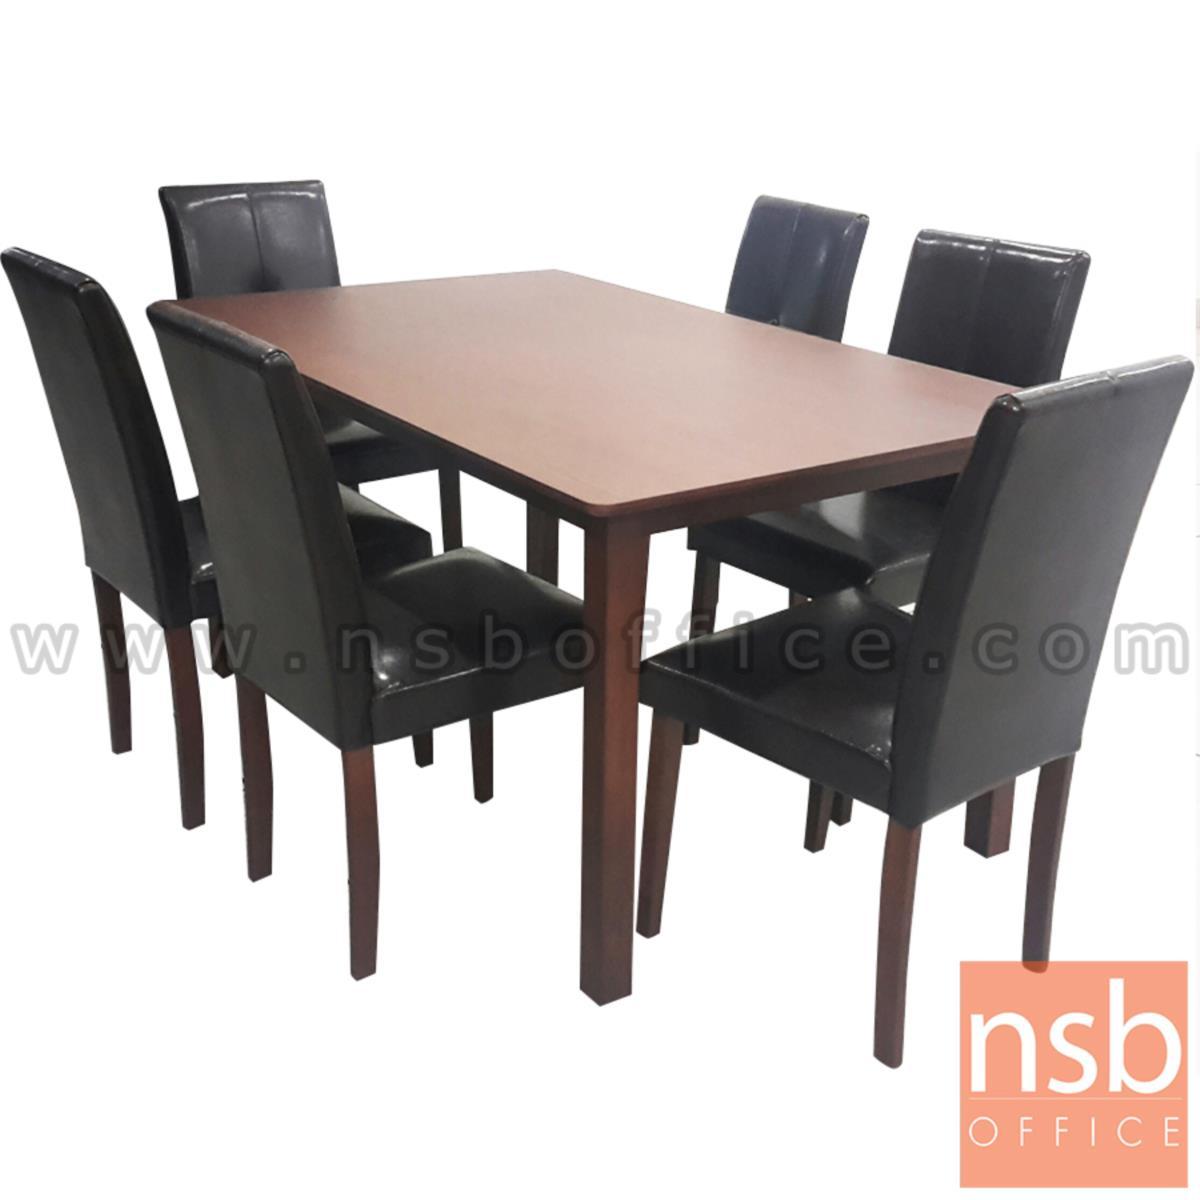 G14A237:ชุดโต๊ะรับประทานอาหารไม้ 6 ที่นั่ง รุ่น Woodvale (วู็ดเวล) ขนาด 150W cm. พร้อมเก้าอี้